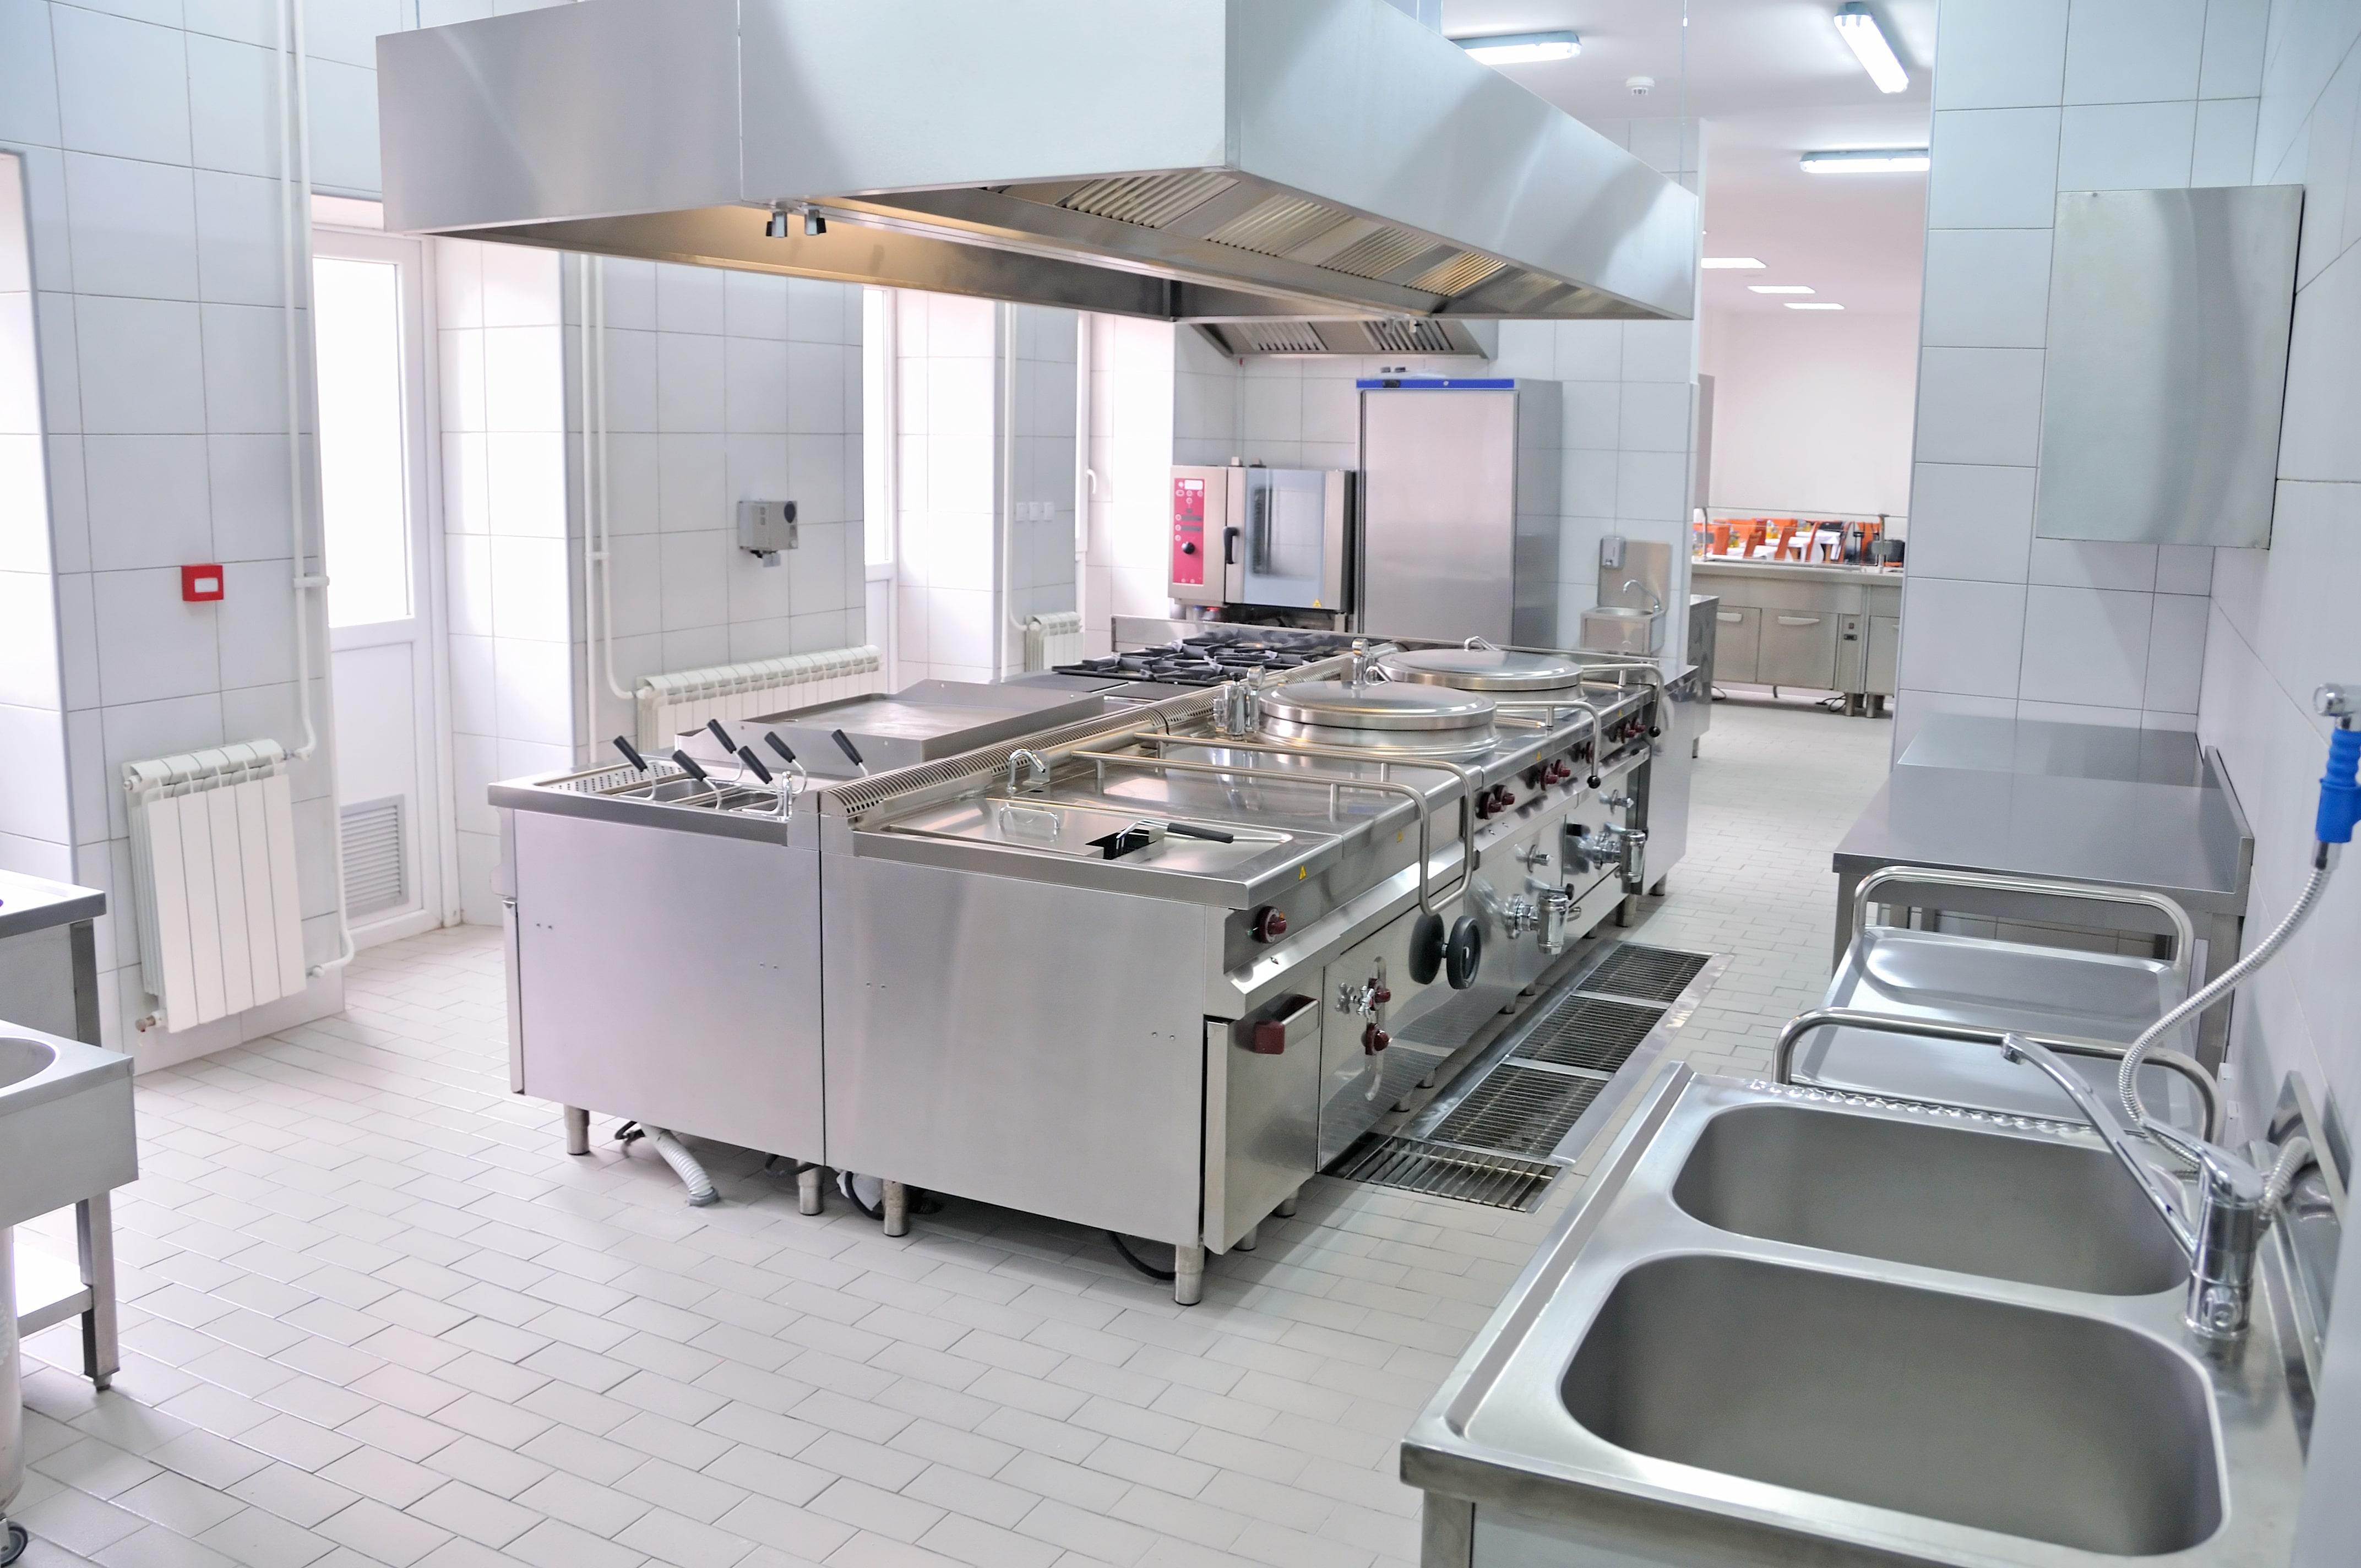 Cuisine collective elegant cuisine materiel alimentaire for Conception cuisine restauration collective